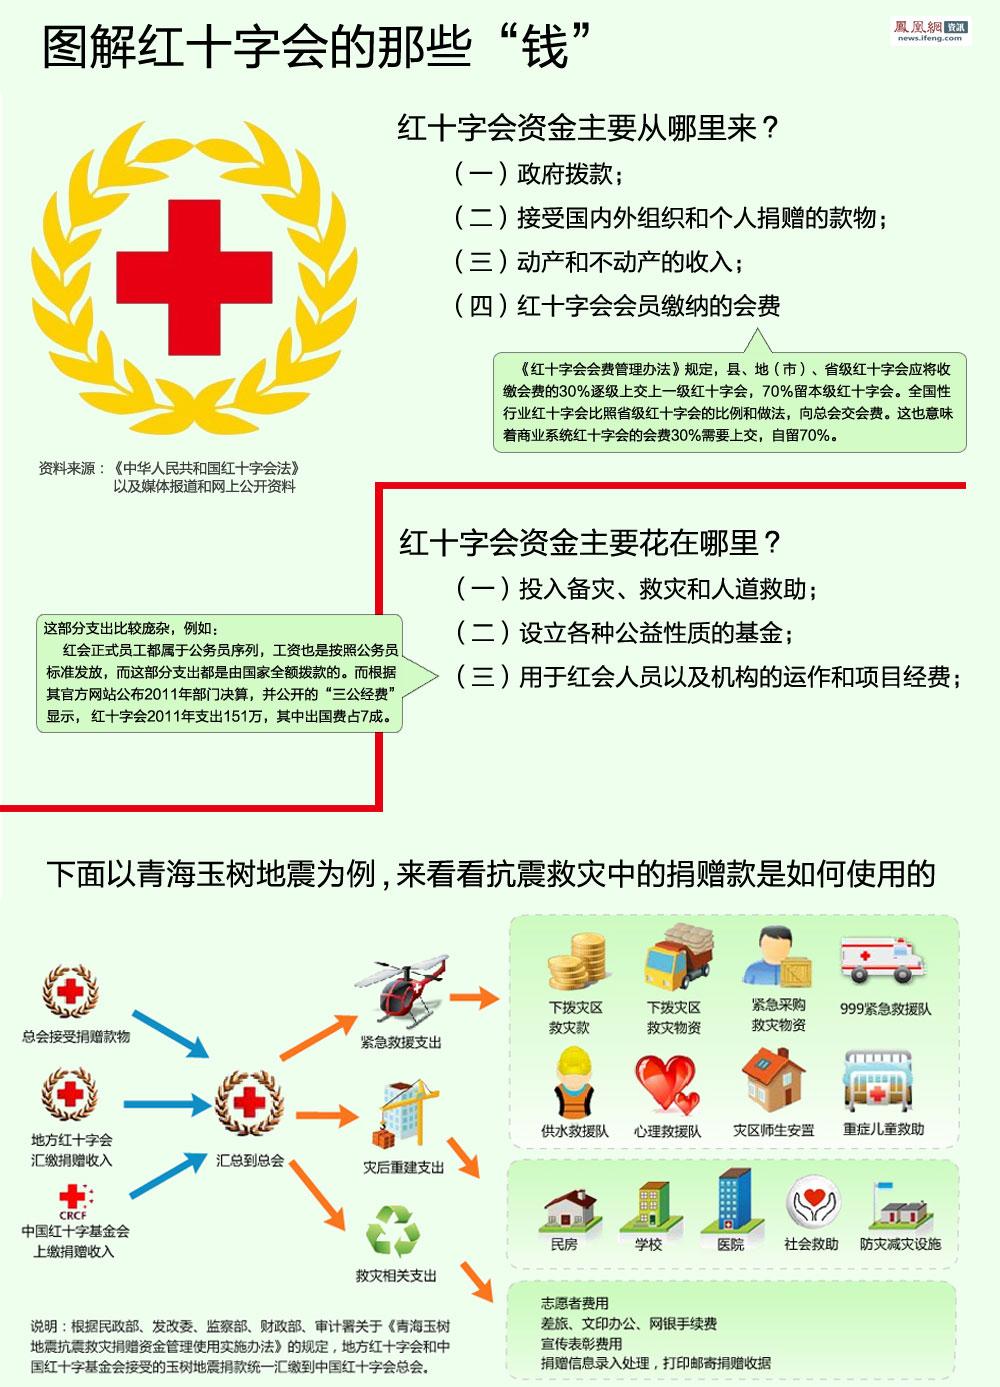 红十字会之谜 - 散淡布衣 - 散淡布衣